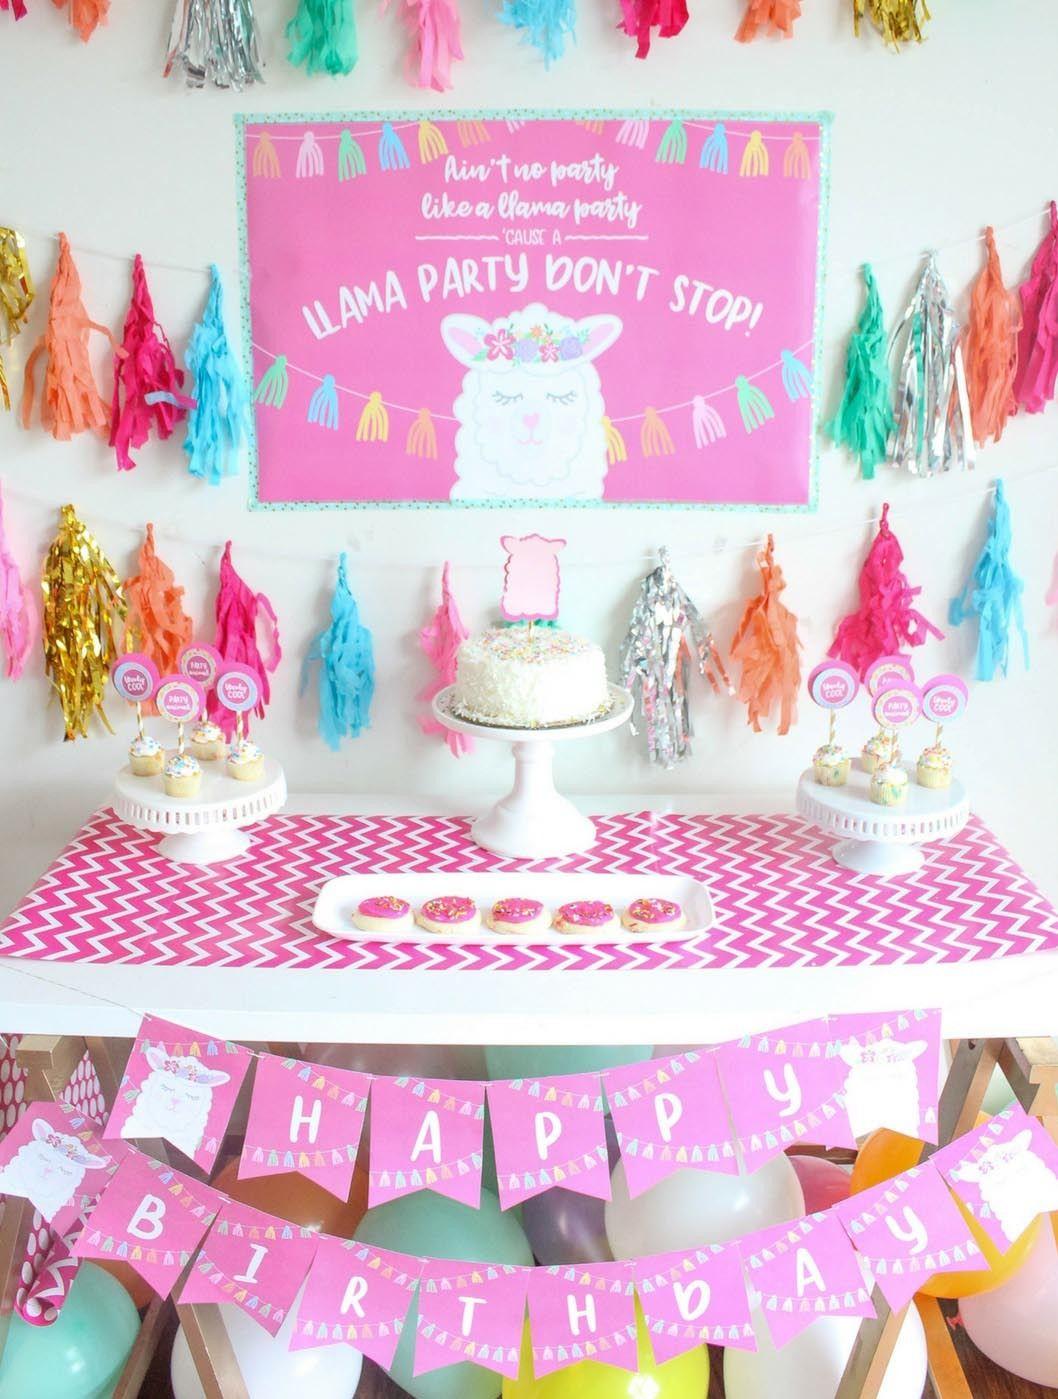 Llama Theme Birthday Party Supplies Llama Happy Birthday banner